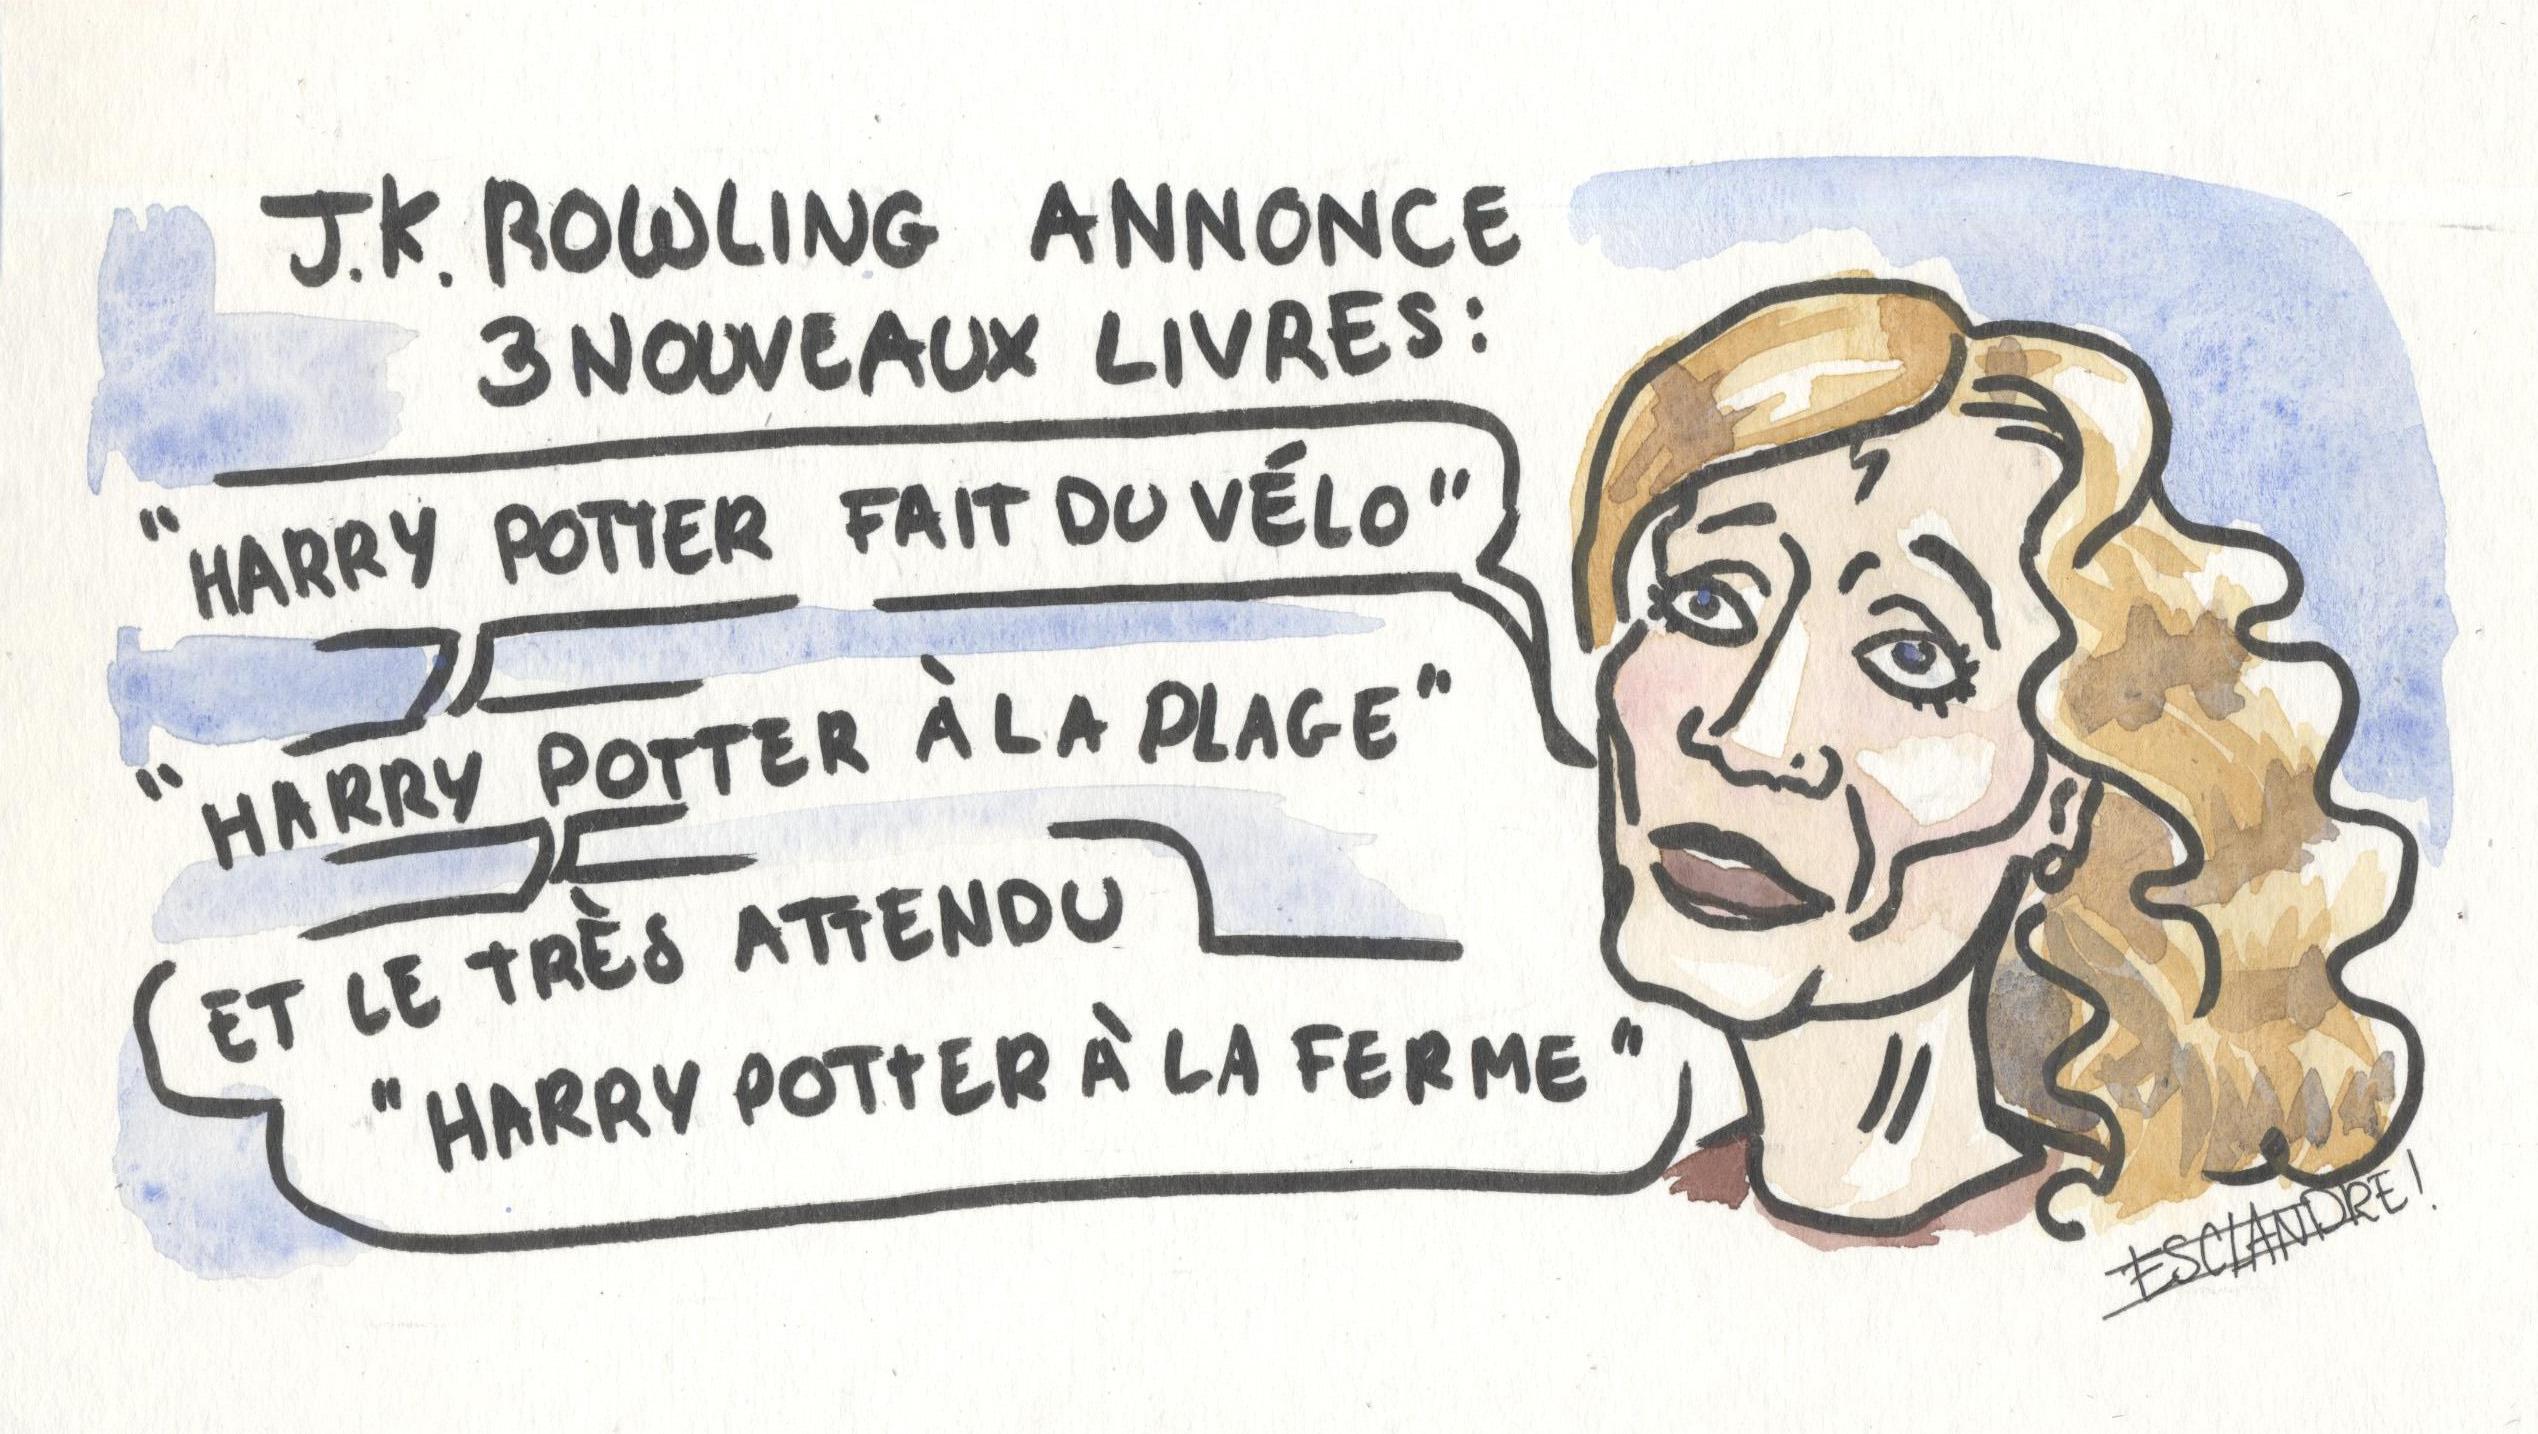 J.K Rowling annonce trois nouveaux livres Harry Potter